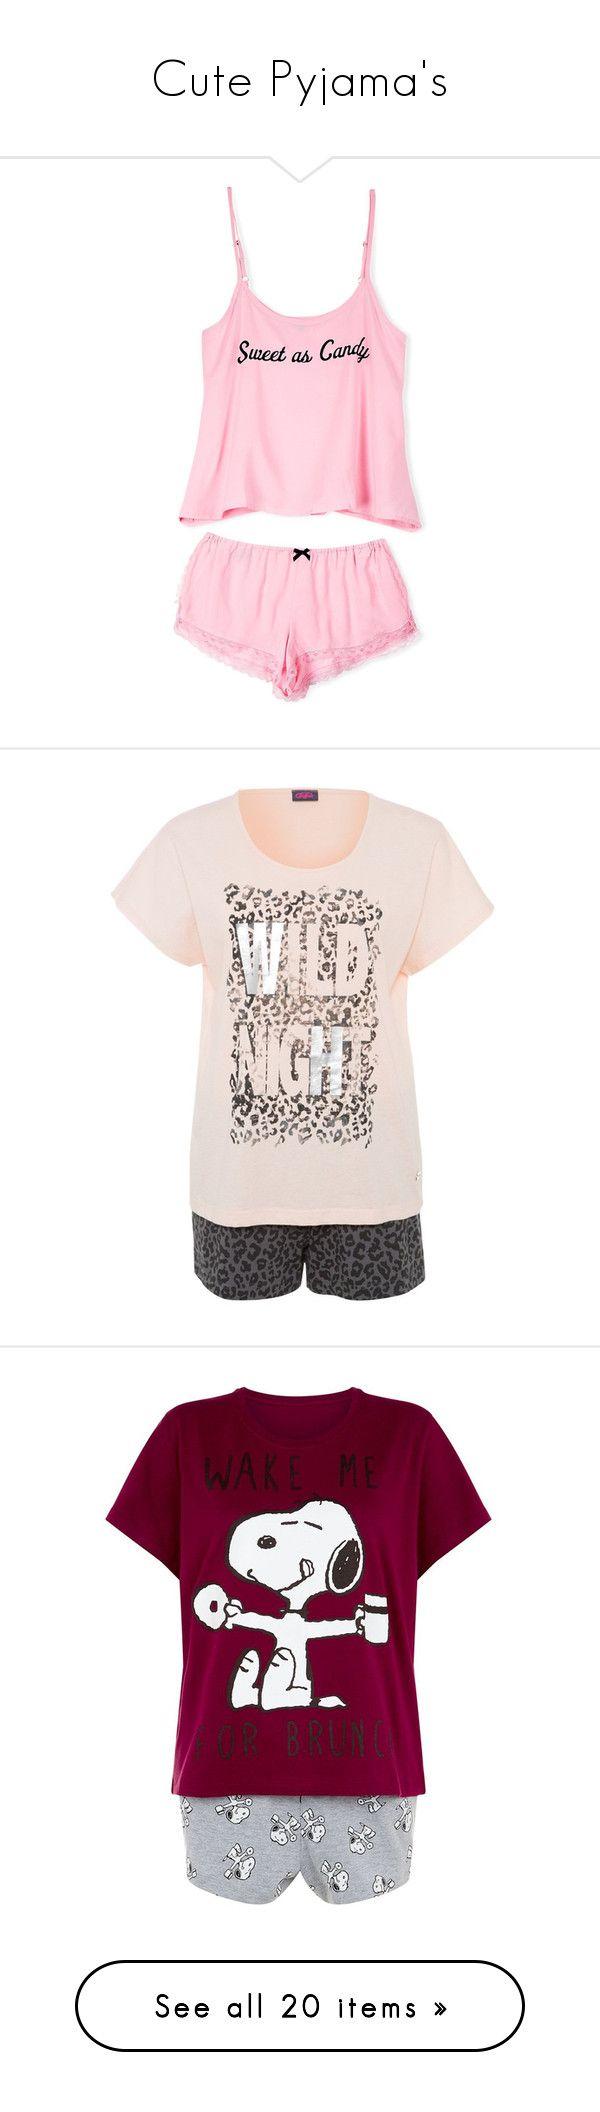 """""""Cute Pyjama's"""" by marinavl ❤ liked on Polyvore featuring intimates, sleepwear, pajamas, tops, pijamas, shirts, black, cotton pajamas, cotton sleepwear and petite sleepwear"""